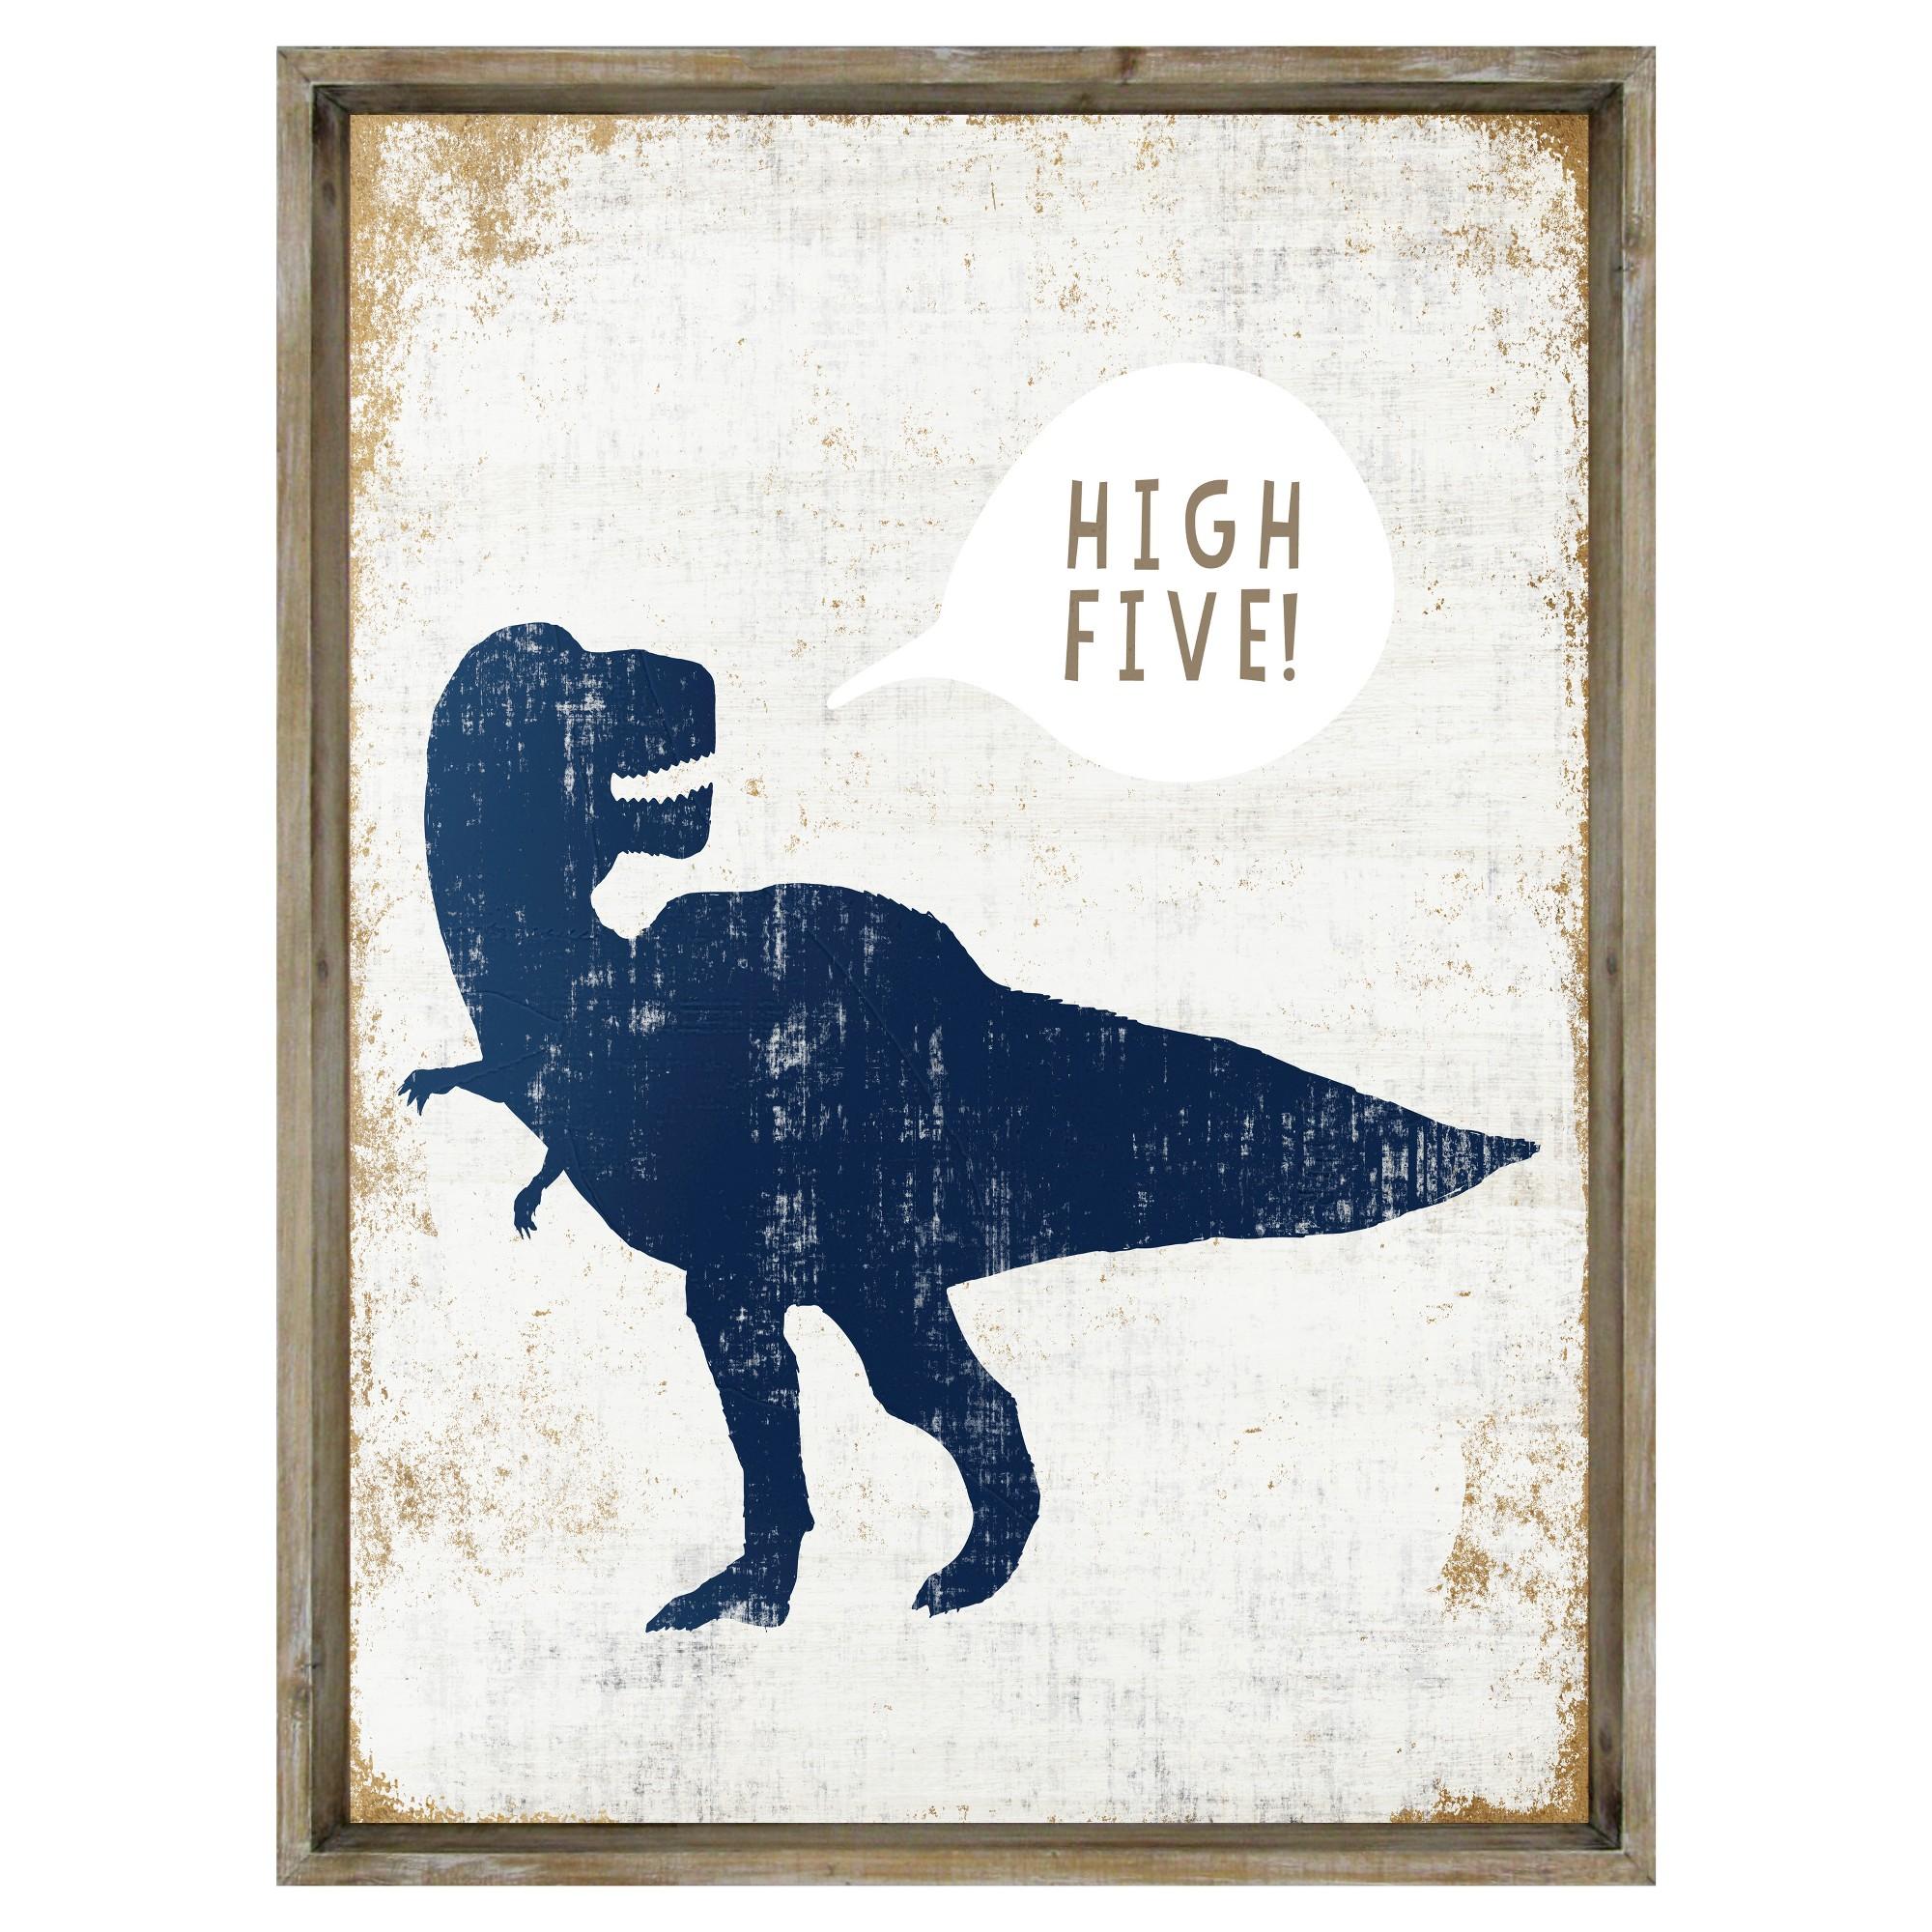 High Five Dinosaur Framed Art Pillowfort Dinosaur Wall Art Pillow Fort Dinosaur Room